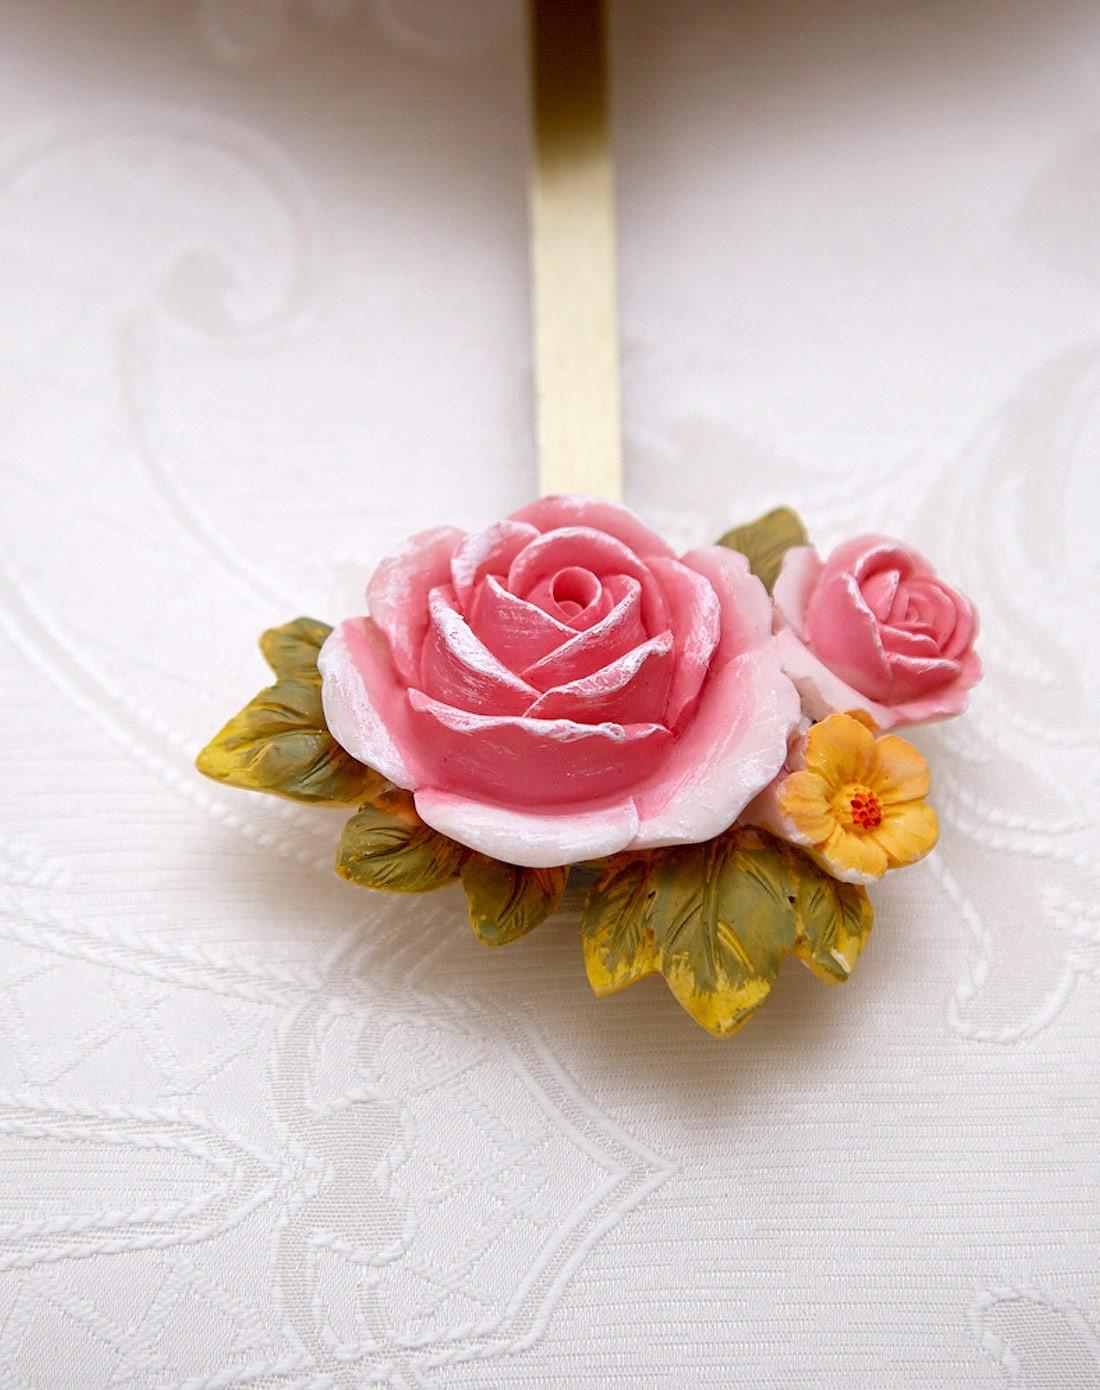 柠檬树家居装饰专场彩绘粉色玫瑰花简洁钟面带摆挂钟